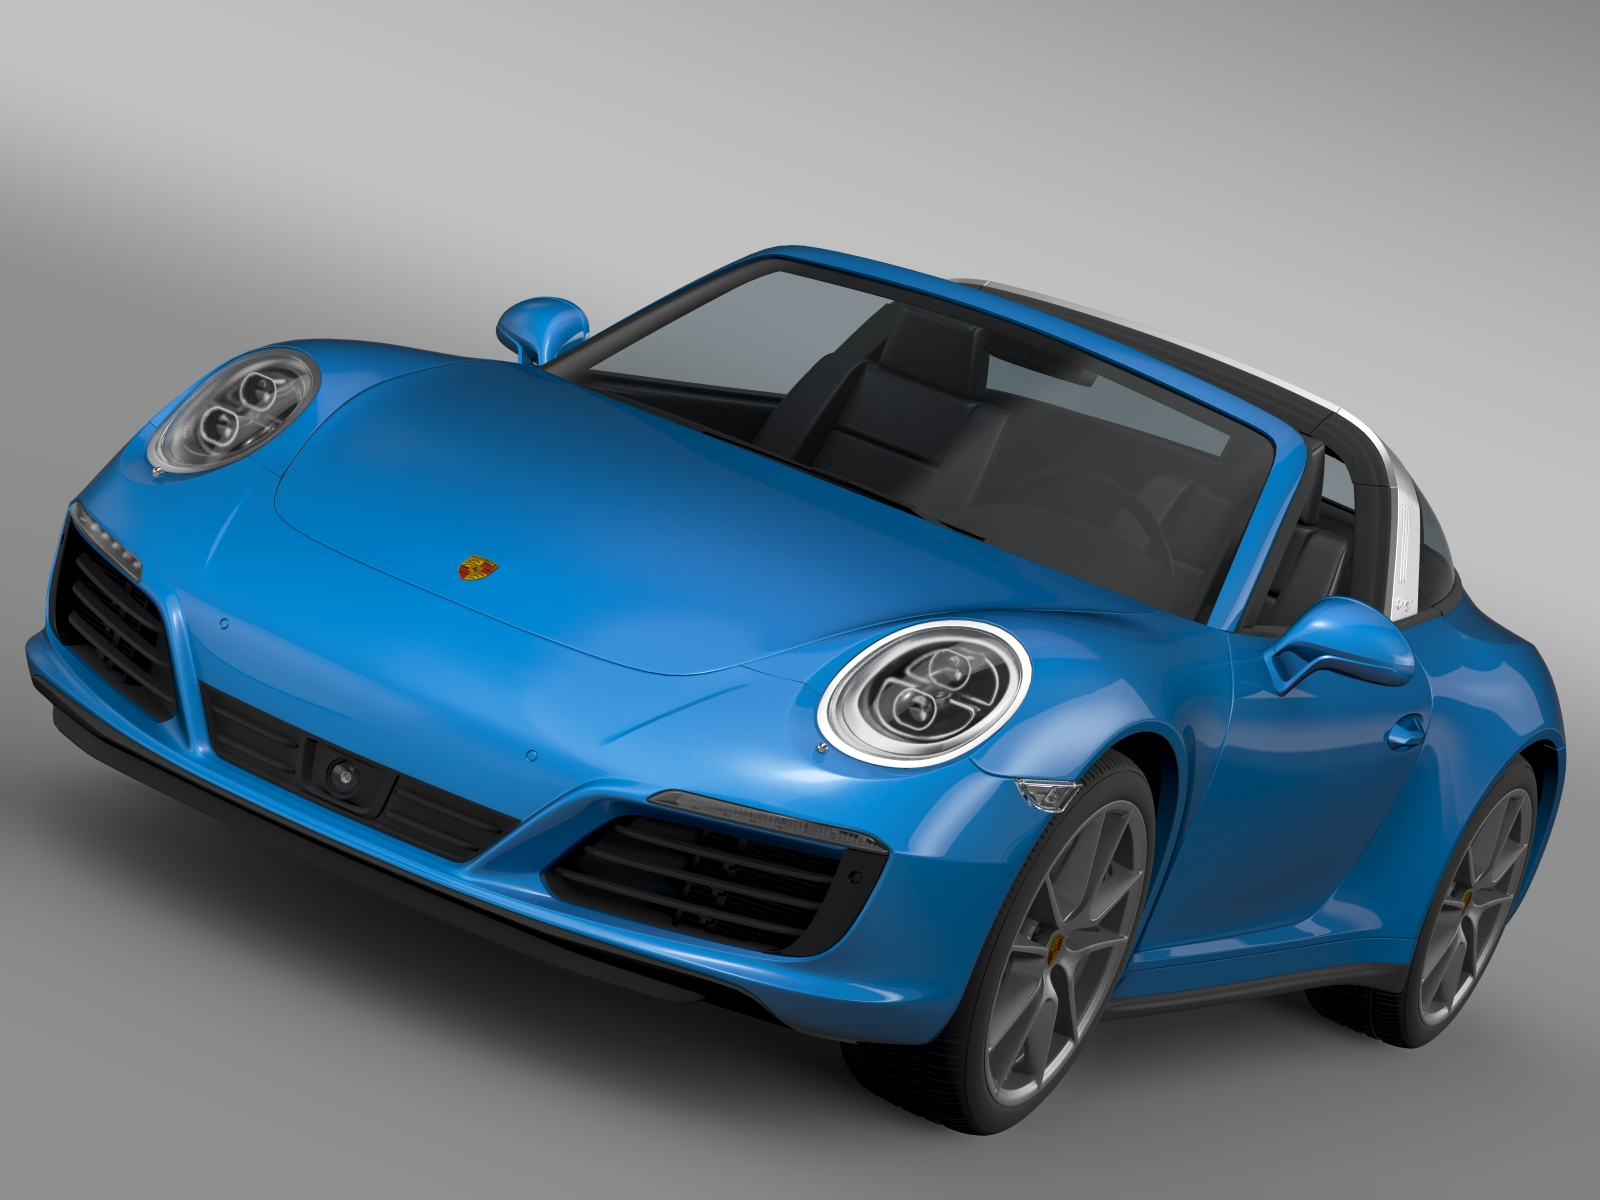 porsche 911 targa 4 991 2016 3d model 3ds max fbx c4d lwo ma mb hrc xsi obj 219319